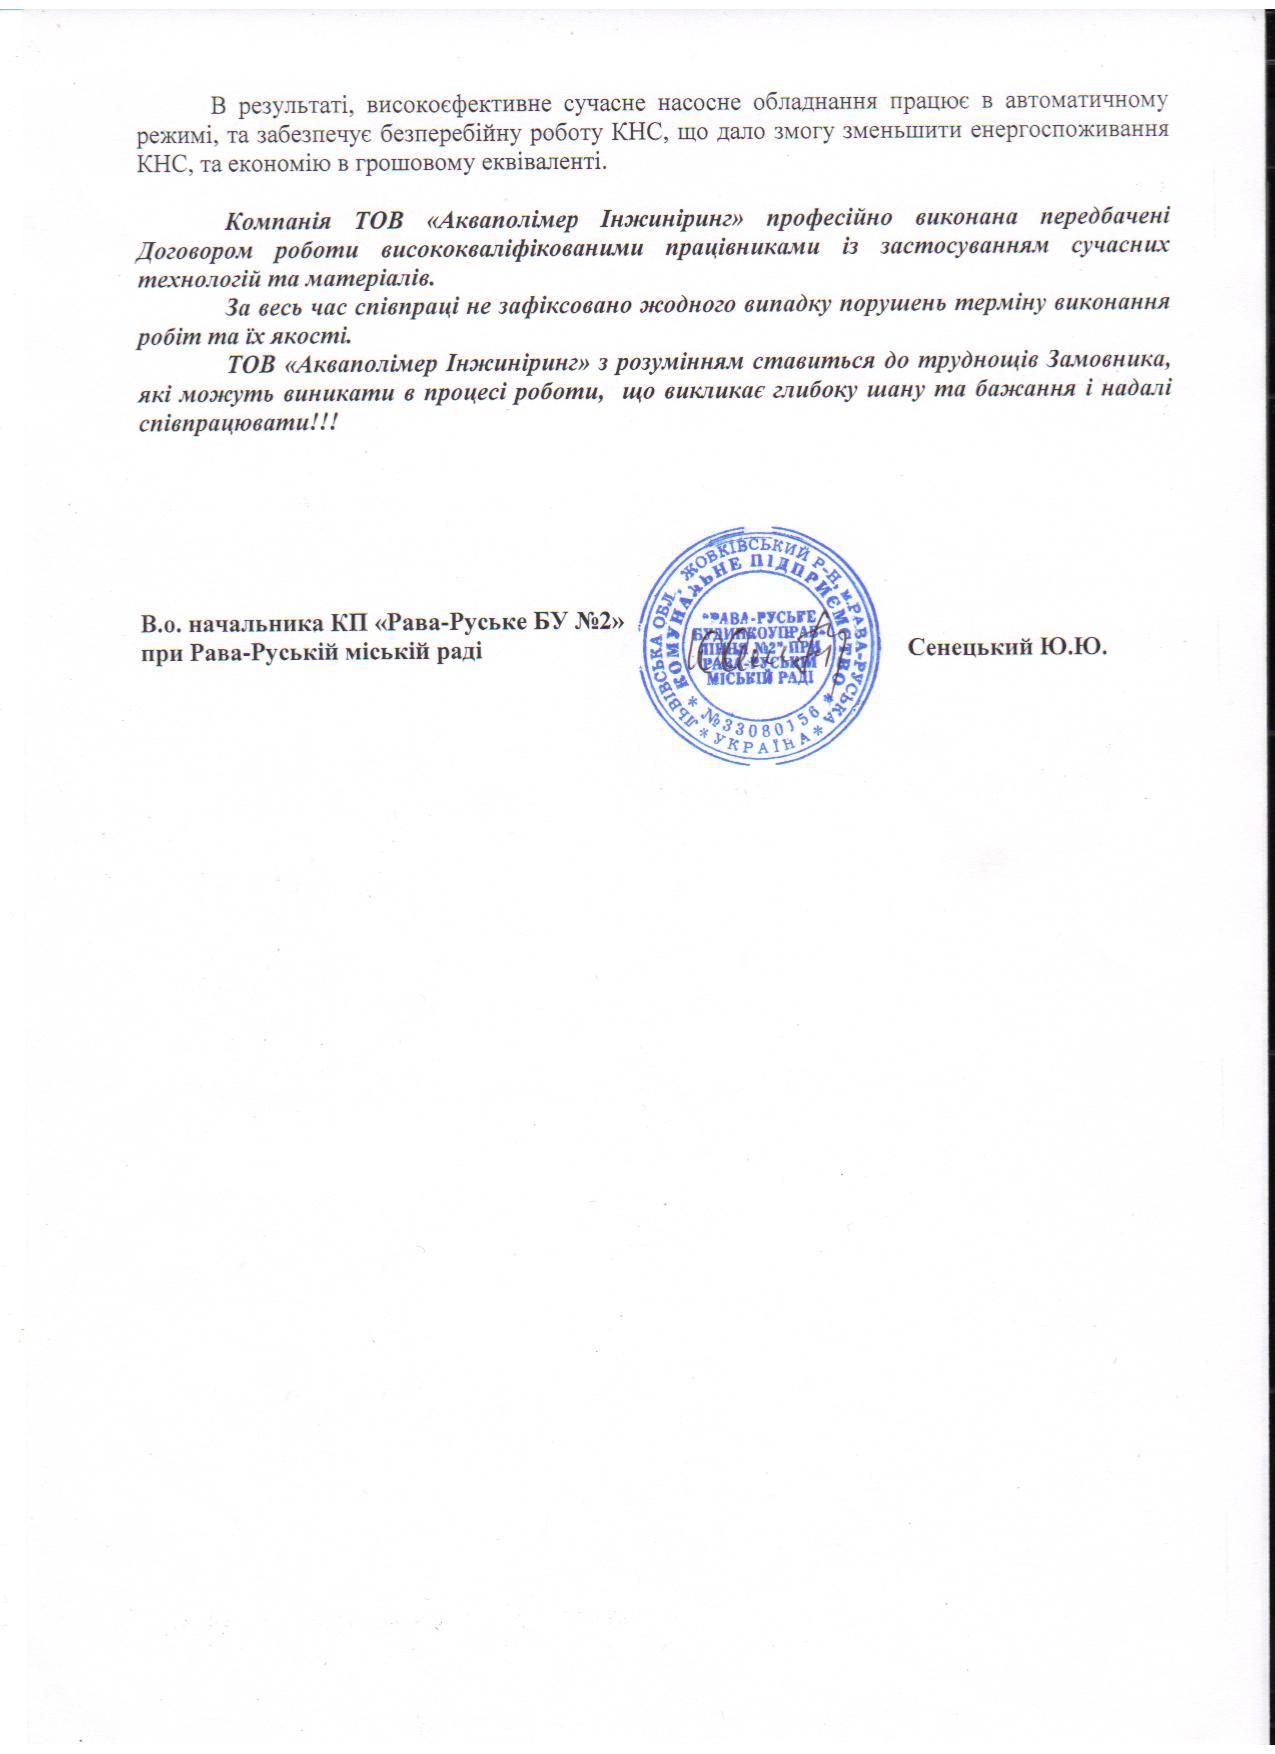 Реконструкція КНС у Раві-Руська, лист відгук